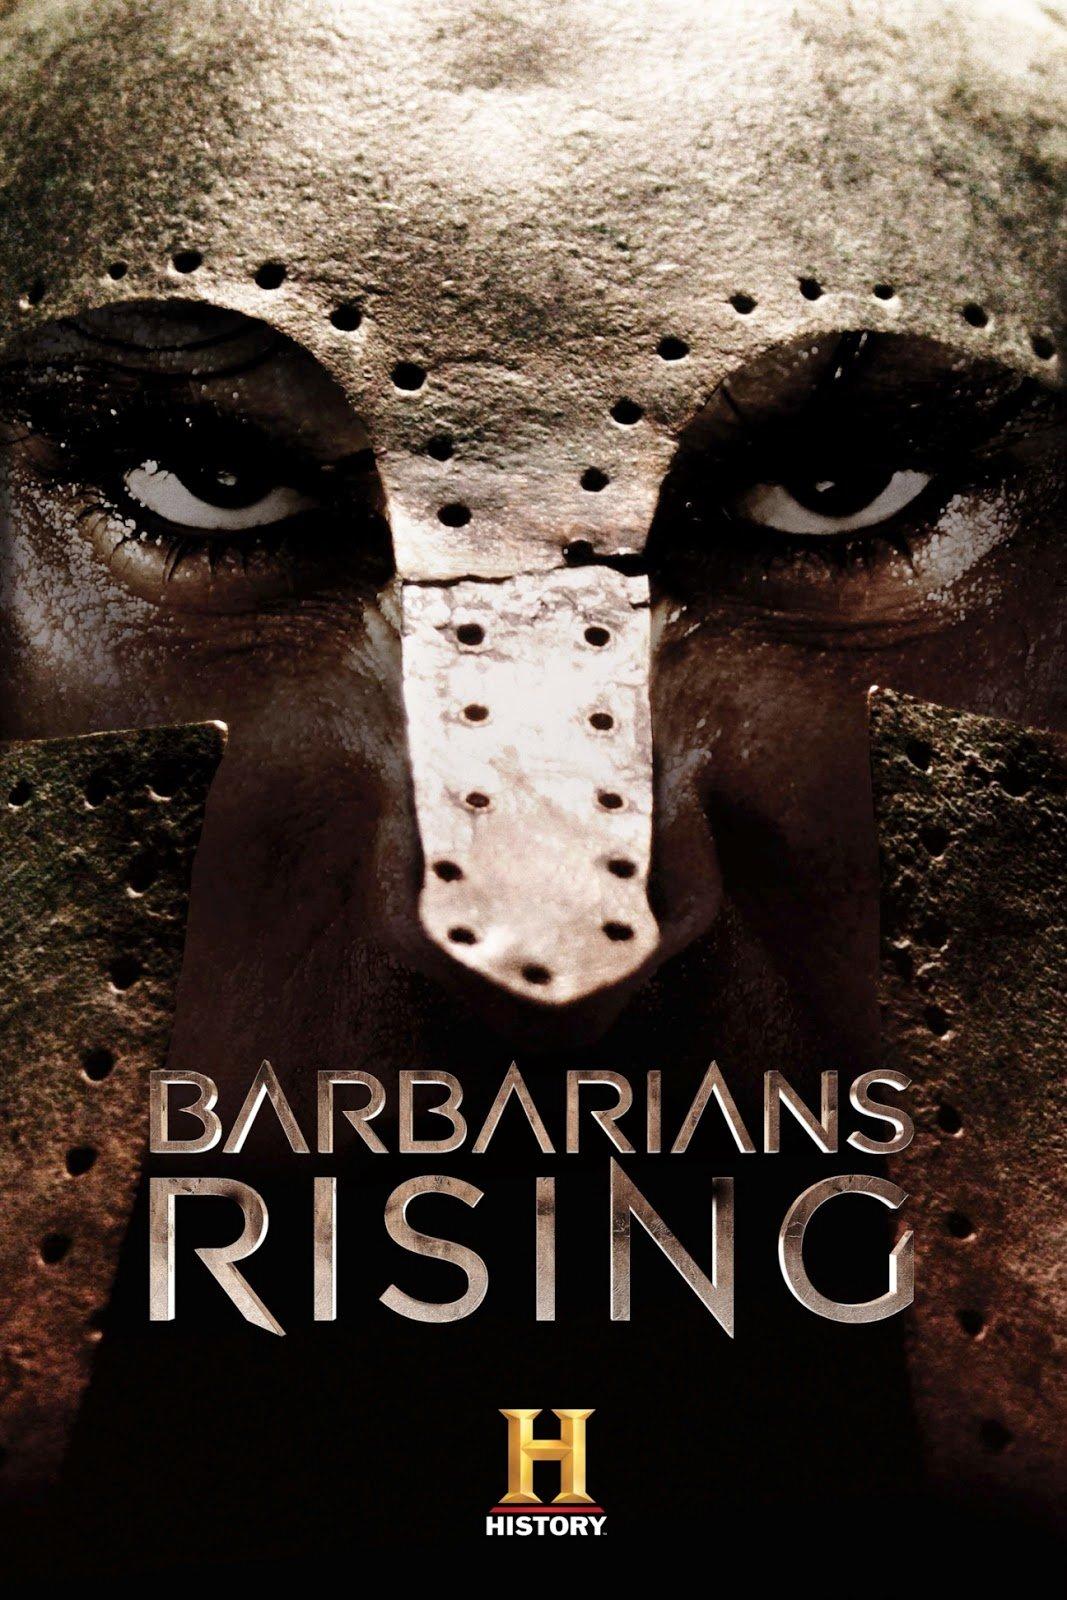 Barbarians Rising saison 1 en vo / vostfr